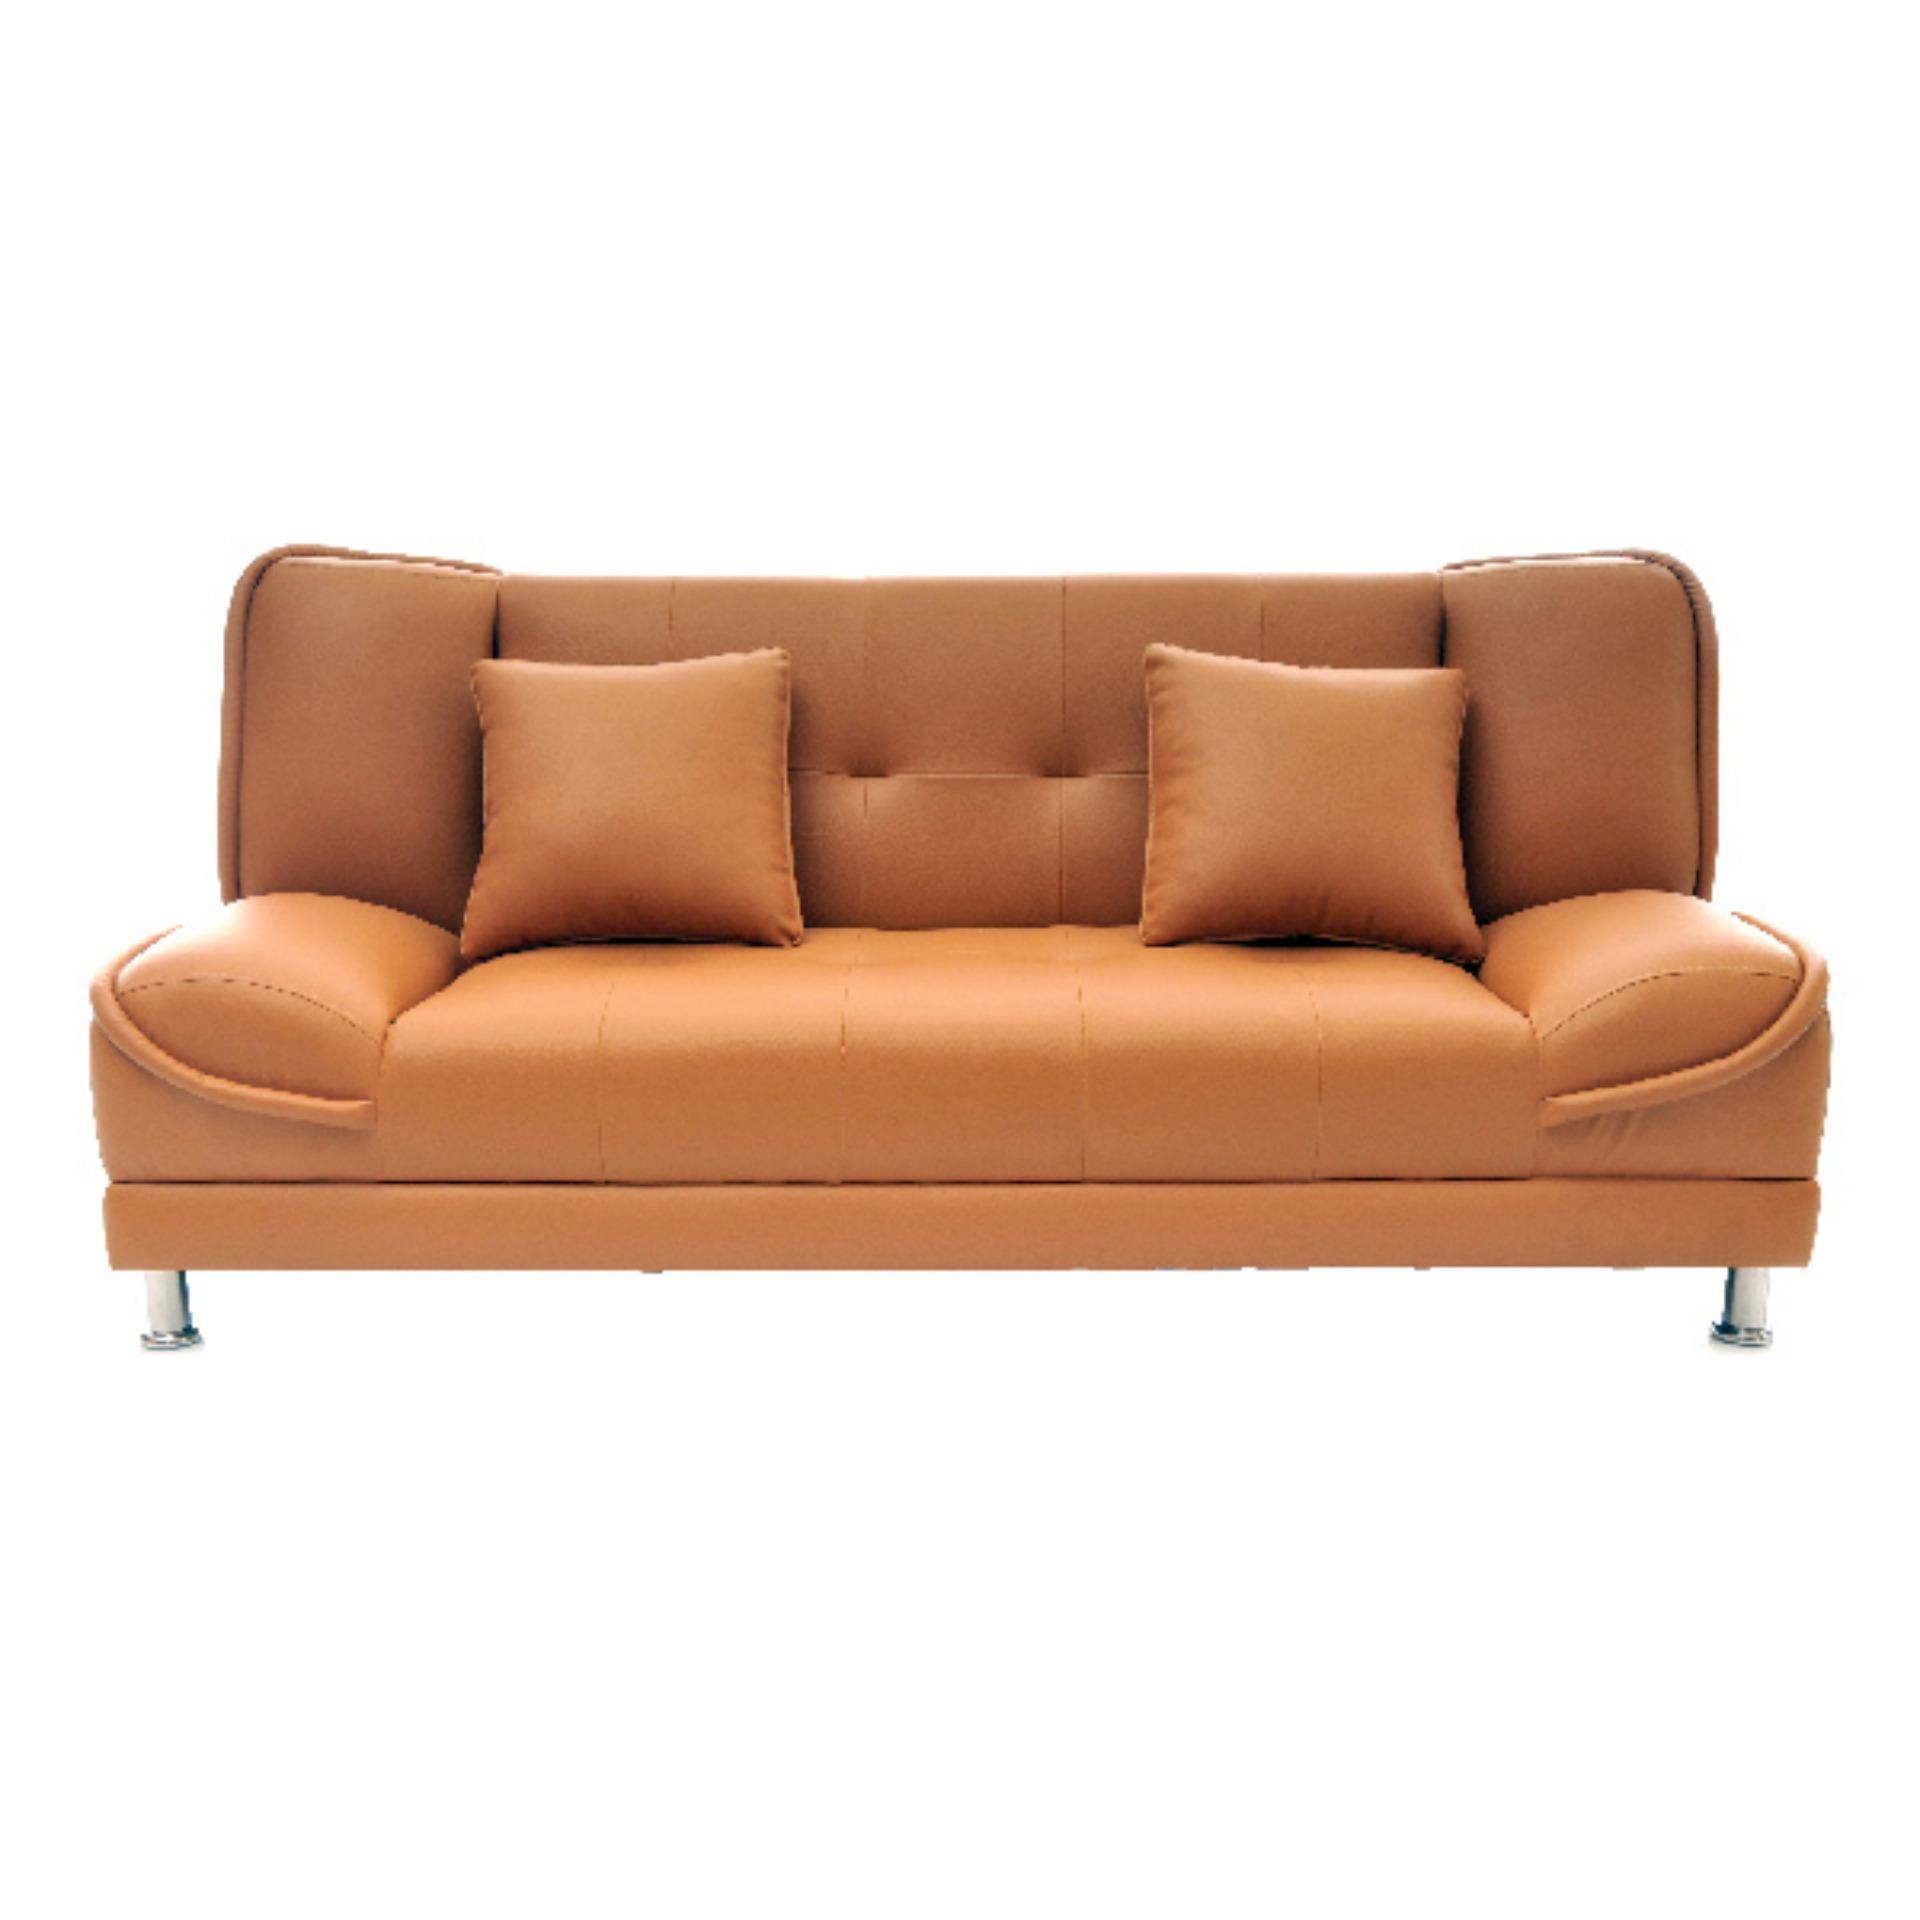 Sofa Lazadacoid